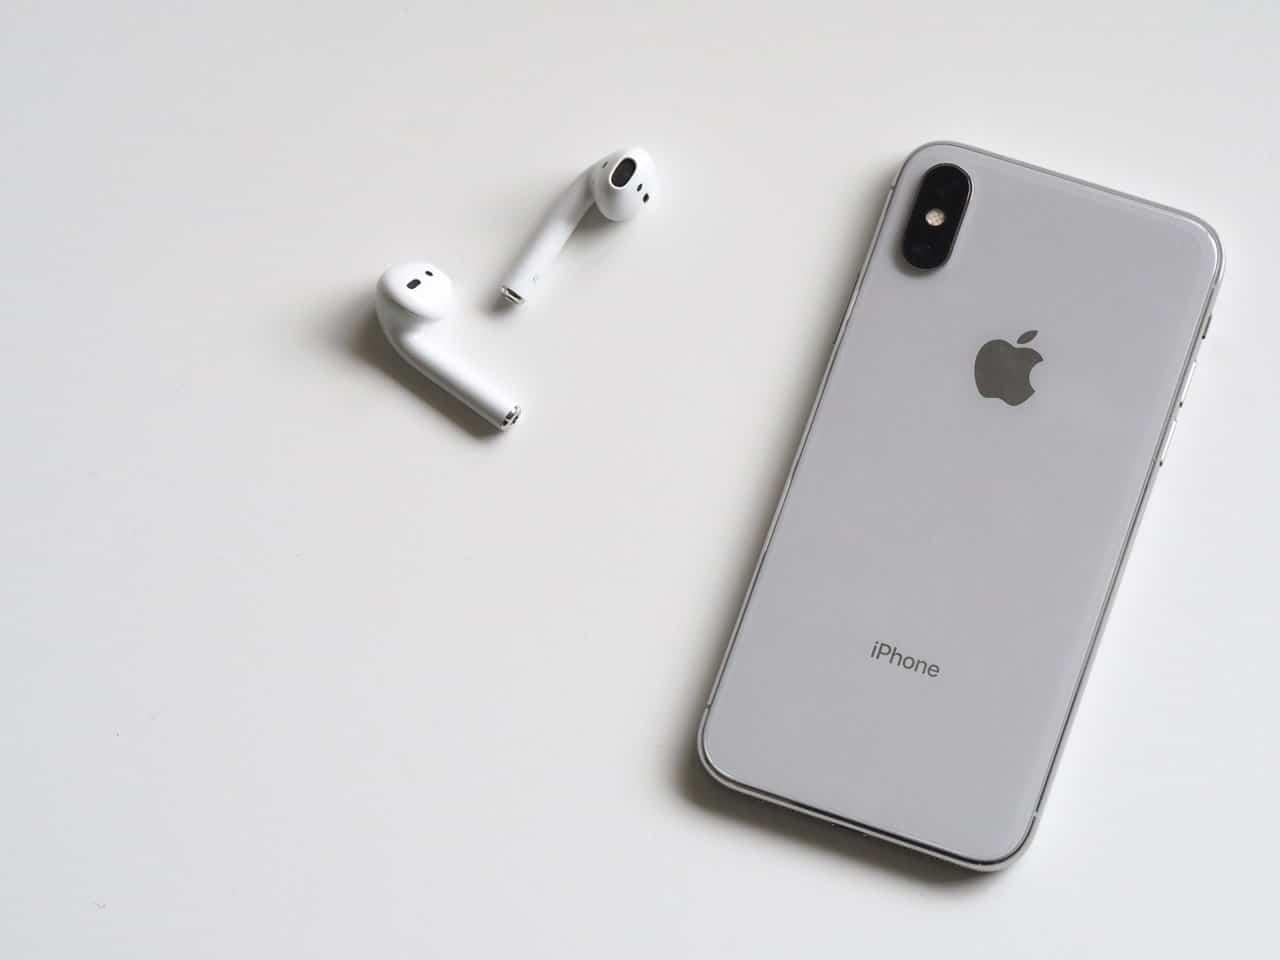 apple airpods offerta - I migliori ecommerce dove acquistare airPods in offerta